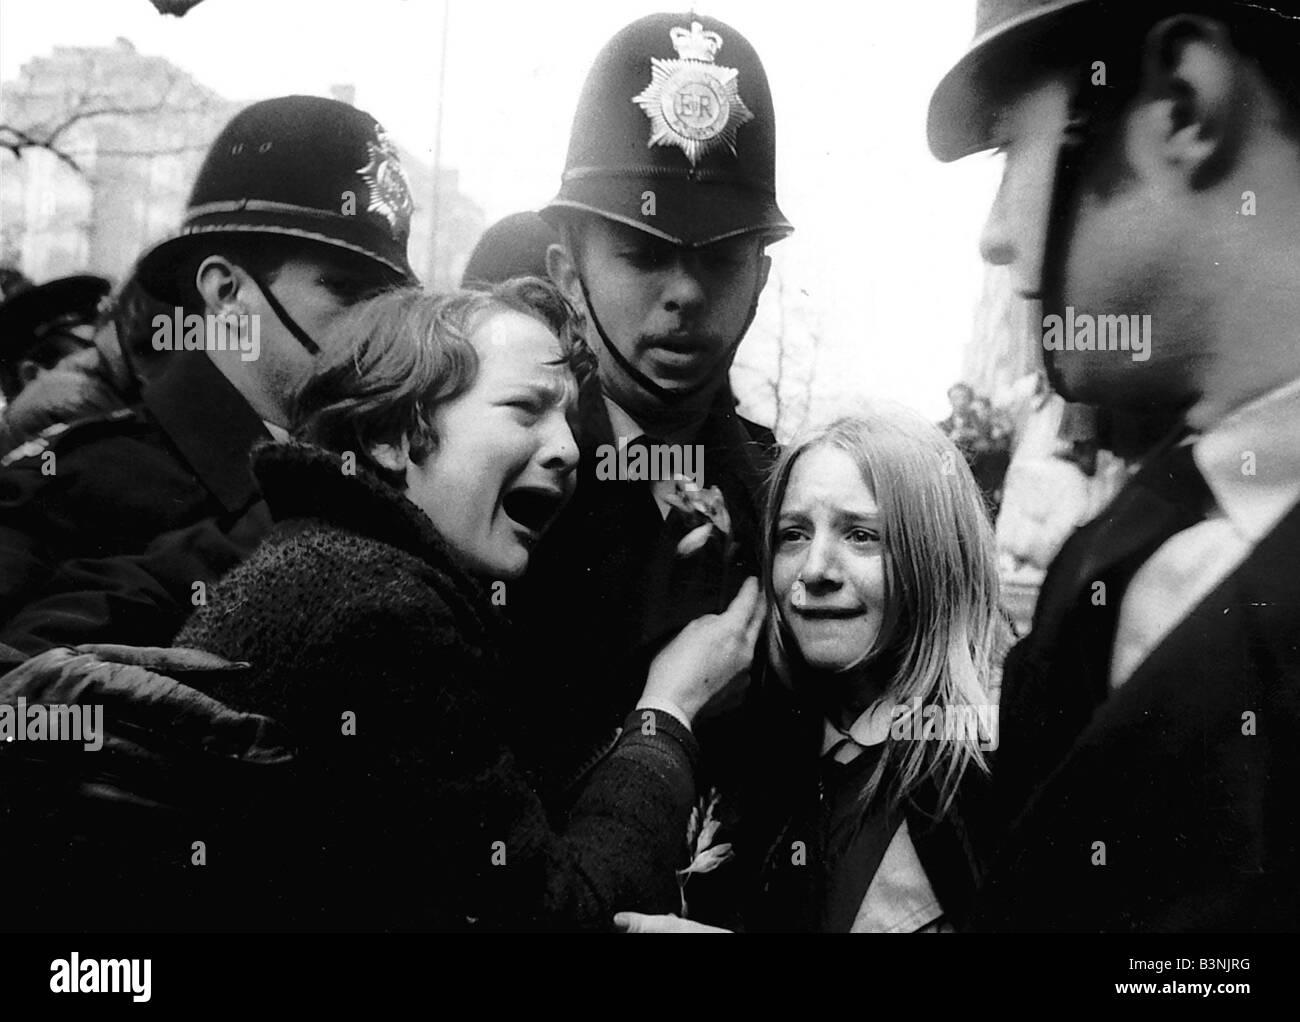 Beatles Fans Weinen, weil Paul McCartney heirateten von Polizei März 1969 abgeführt sind verärgert Stockfoto